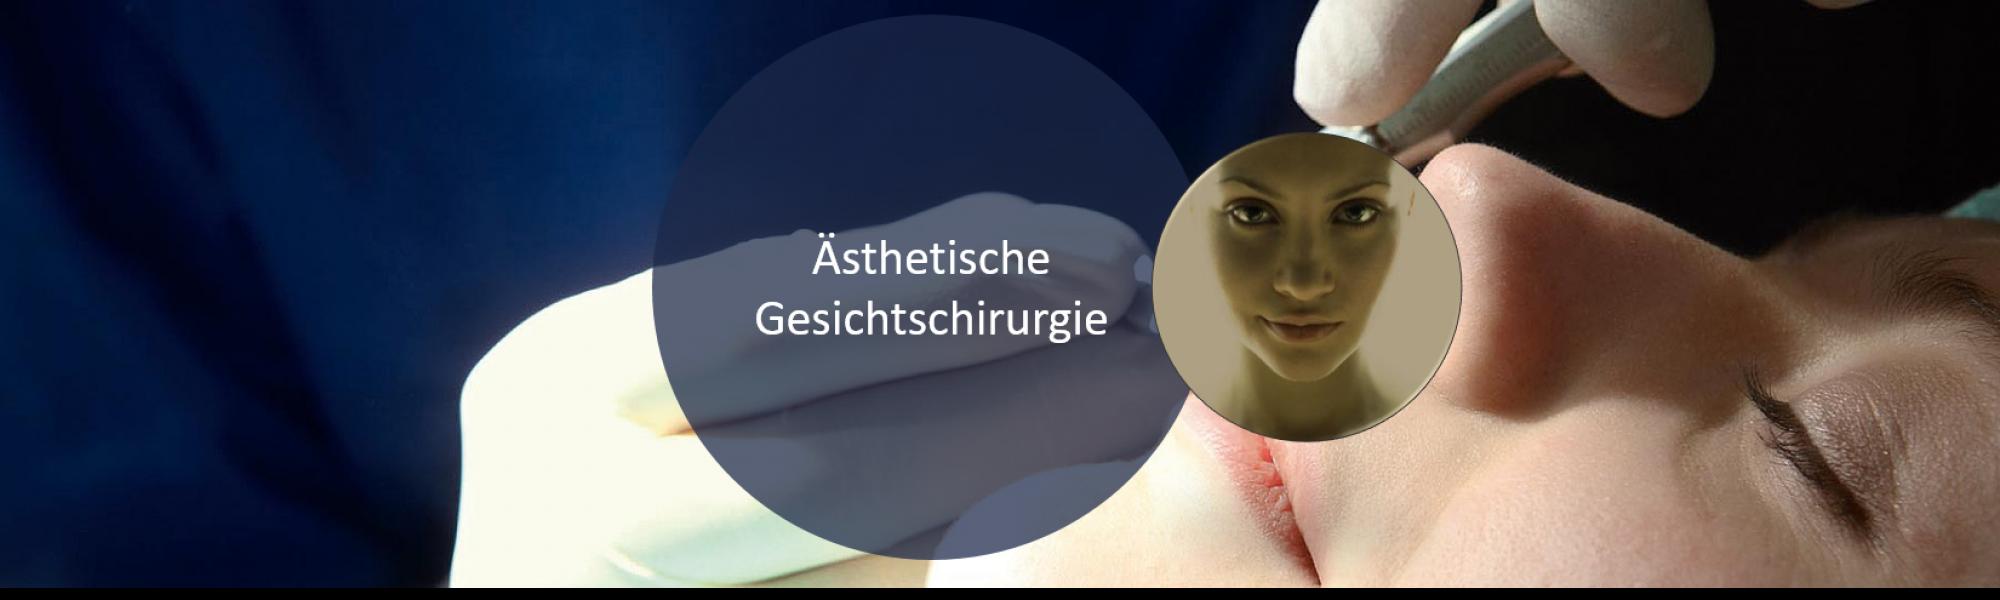 Ästhetik & Faltenbehandlung Ästhetische Gesichtschirurgie bei Groisman & Laube